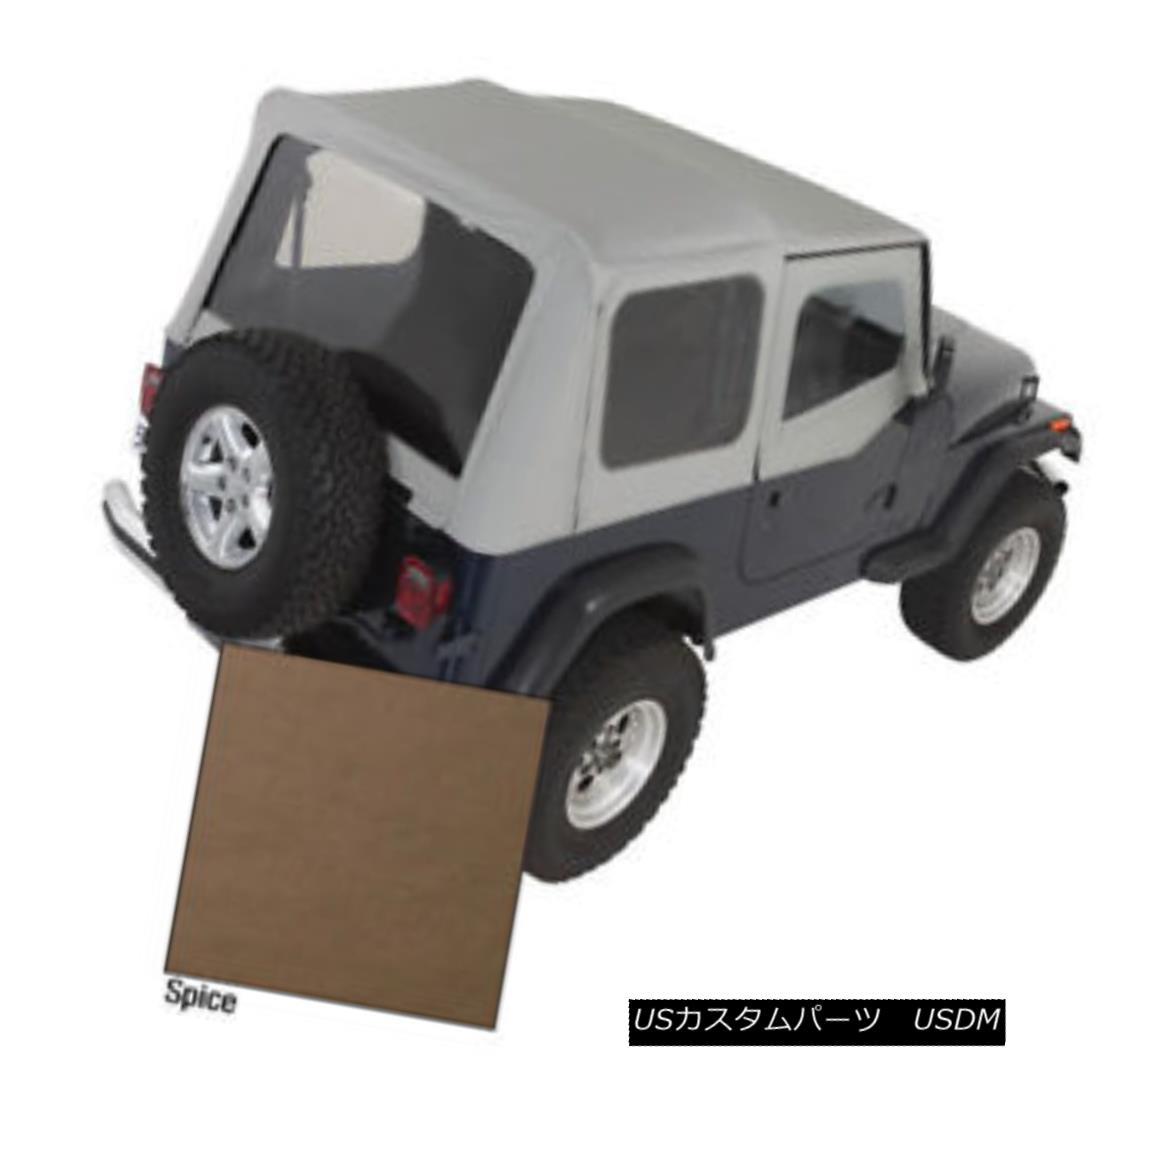 幌・ソフトトップ Rugged Ridge 13721.37 XHD Soft Top Spice Clear Windows 88-95 Jeep Wrangler 頑丈なリッジ13721.37 XHDソフトトップスパイスクリアウィンドウ88-95ジープラングラー